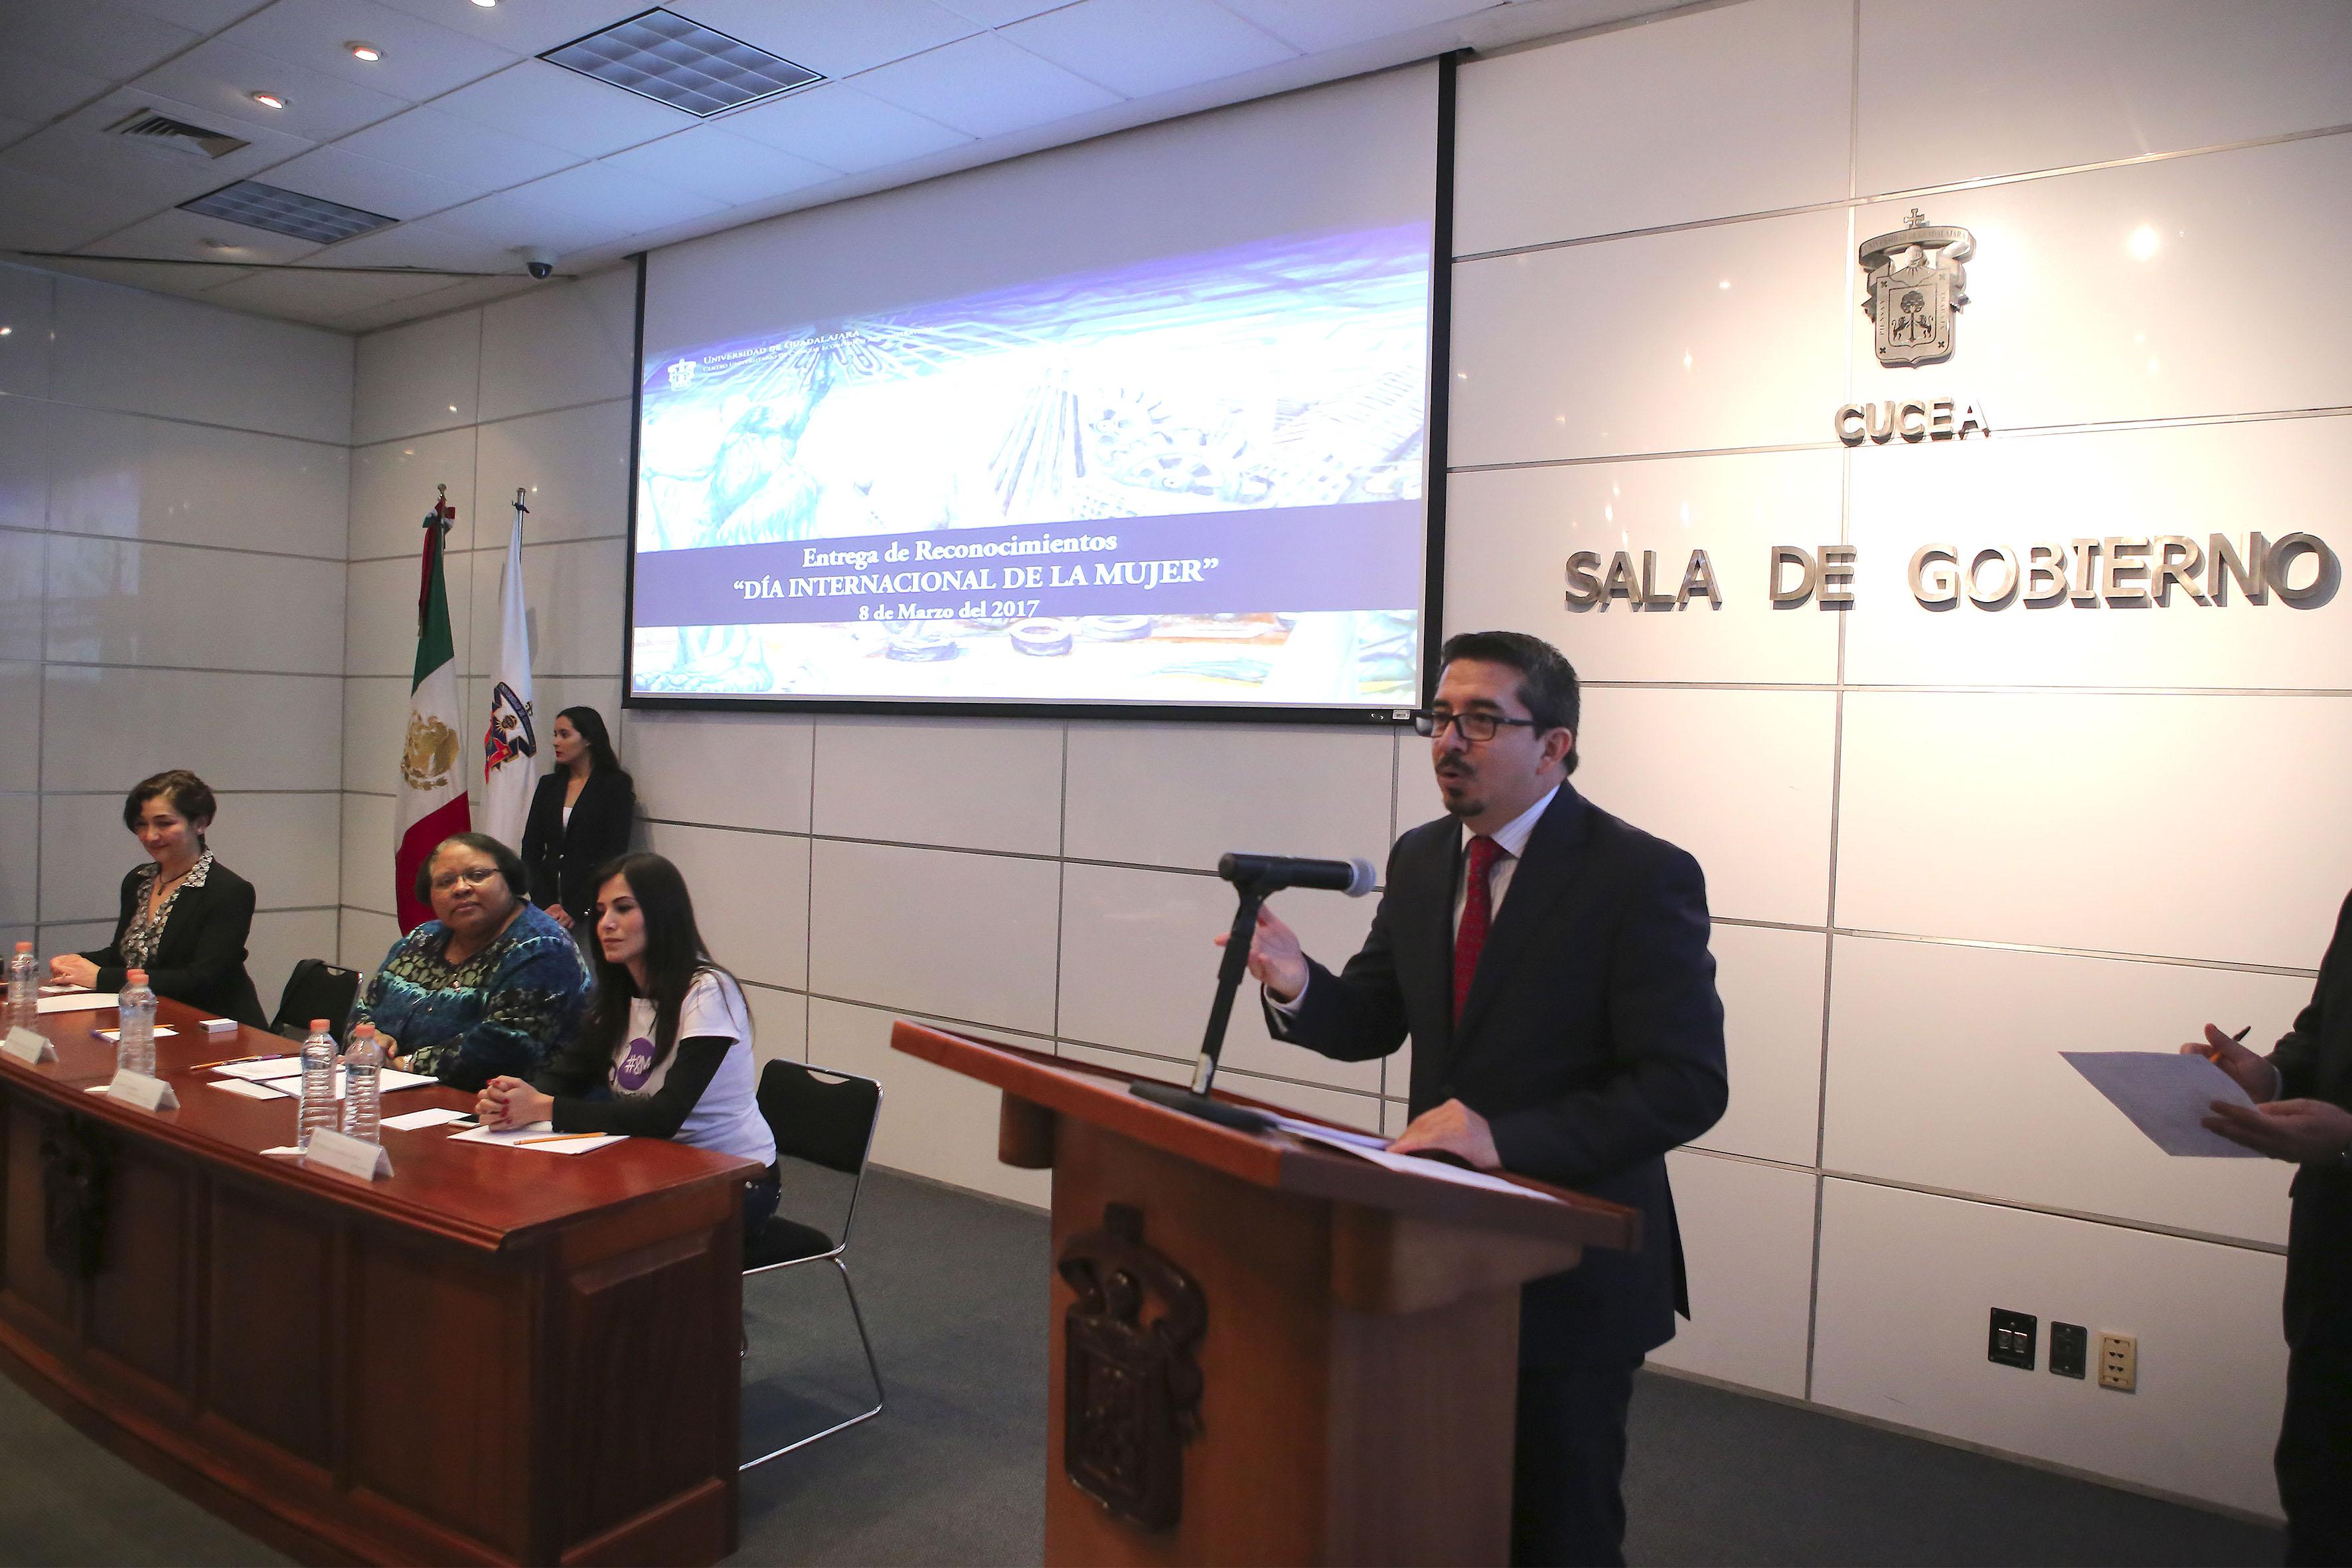 Maestro Alberto Castellanos Gutiérrez, Rector del Centro Universitario del Ciencias Económico Administrativas (CUCEA), participando en la ceremonia.